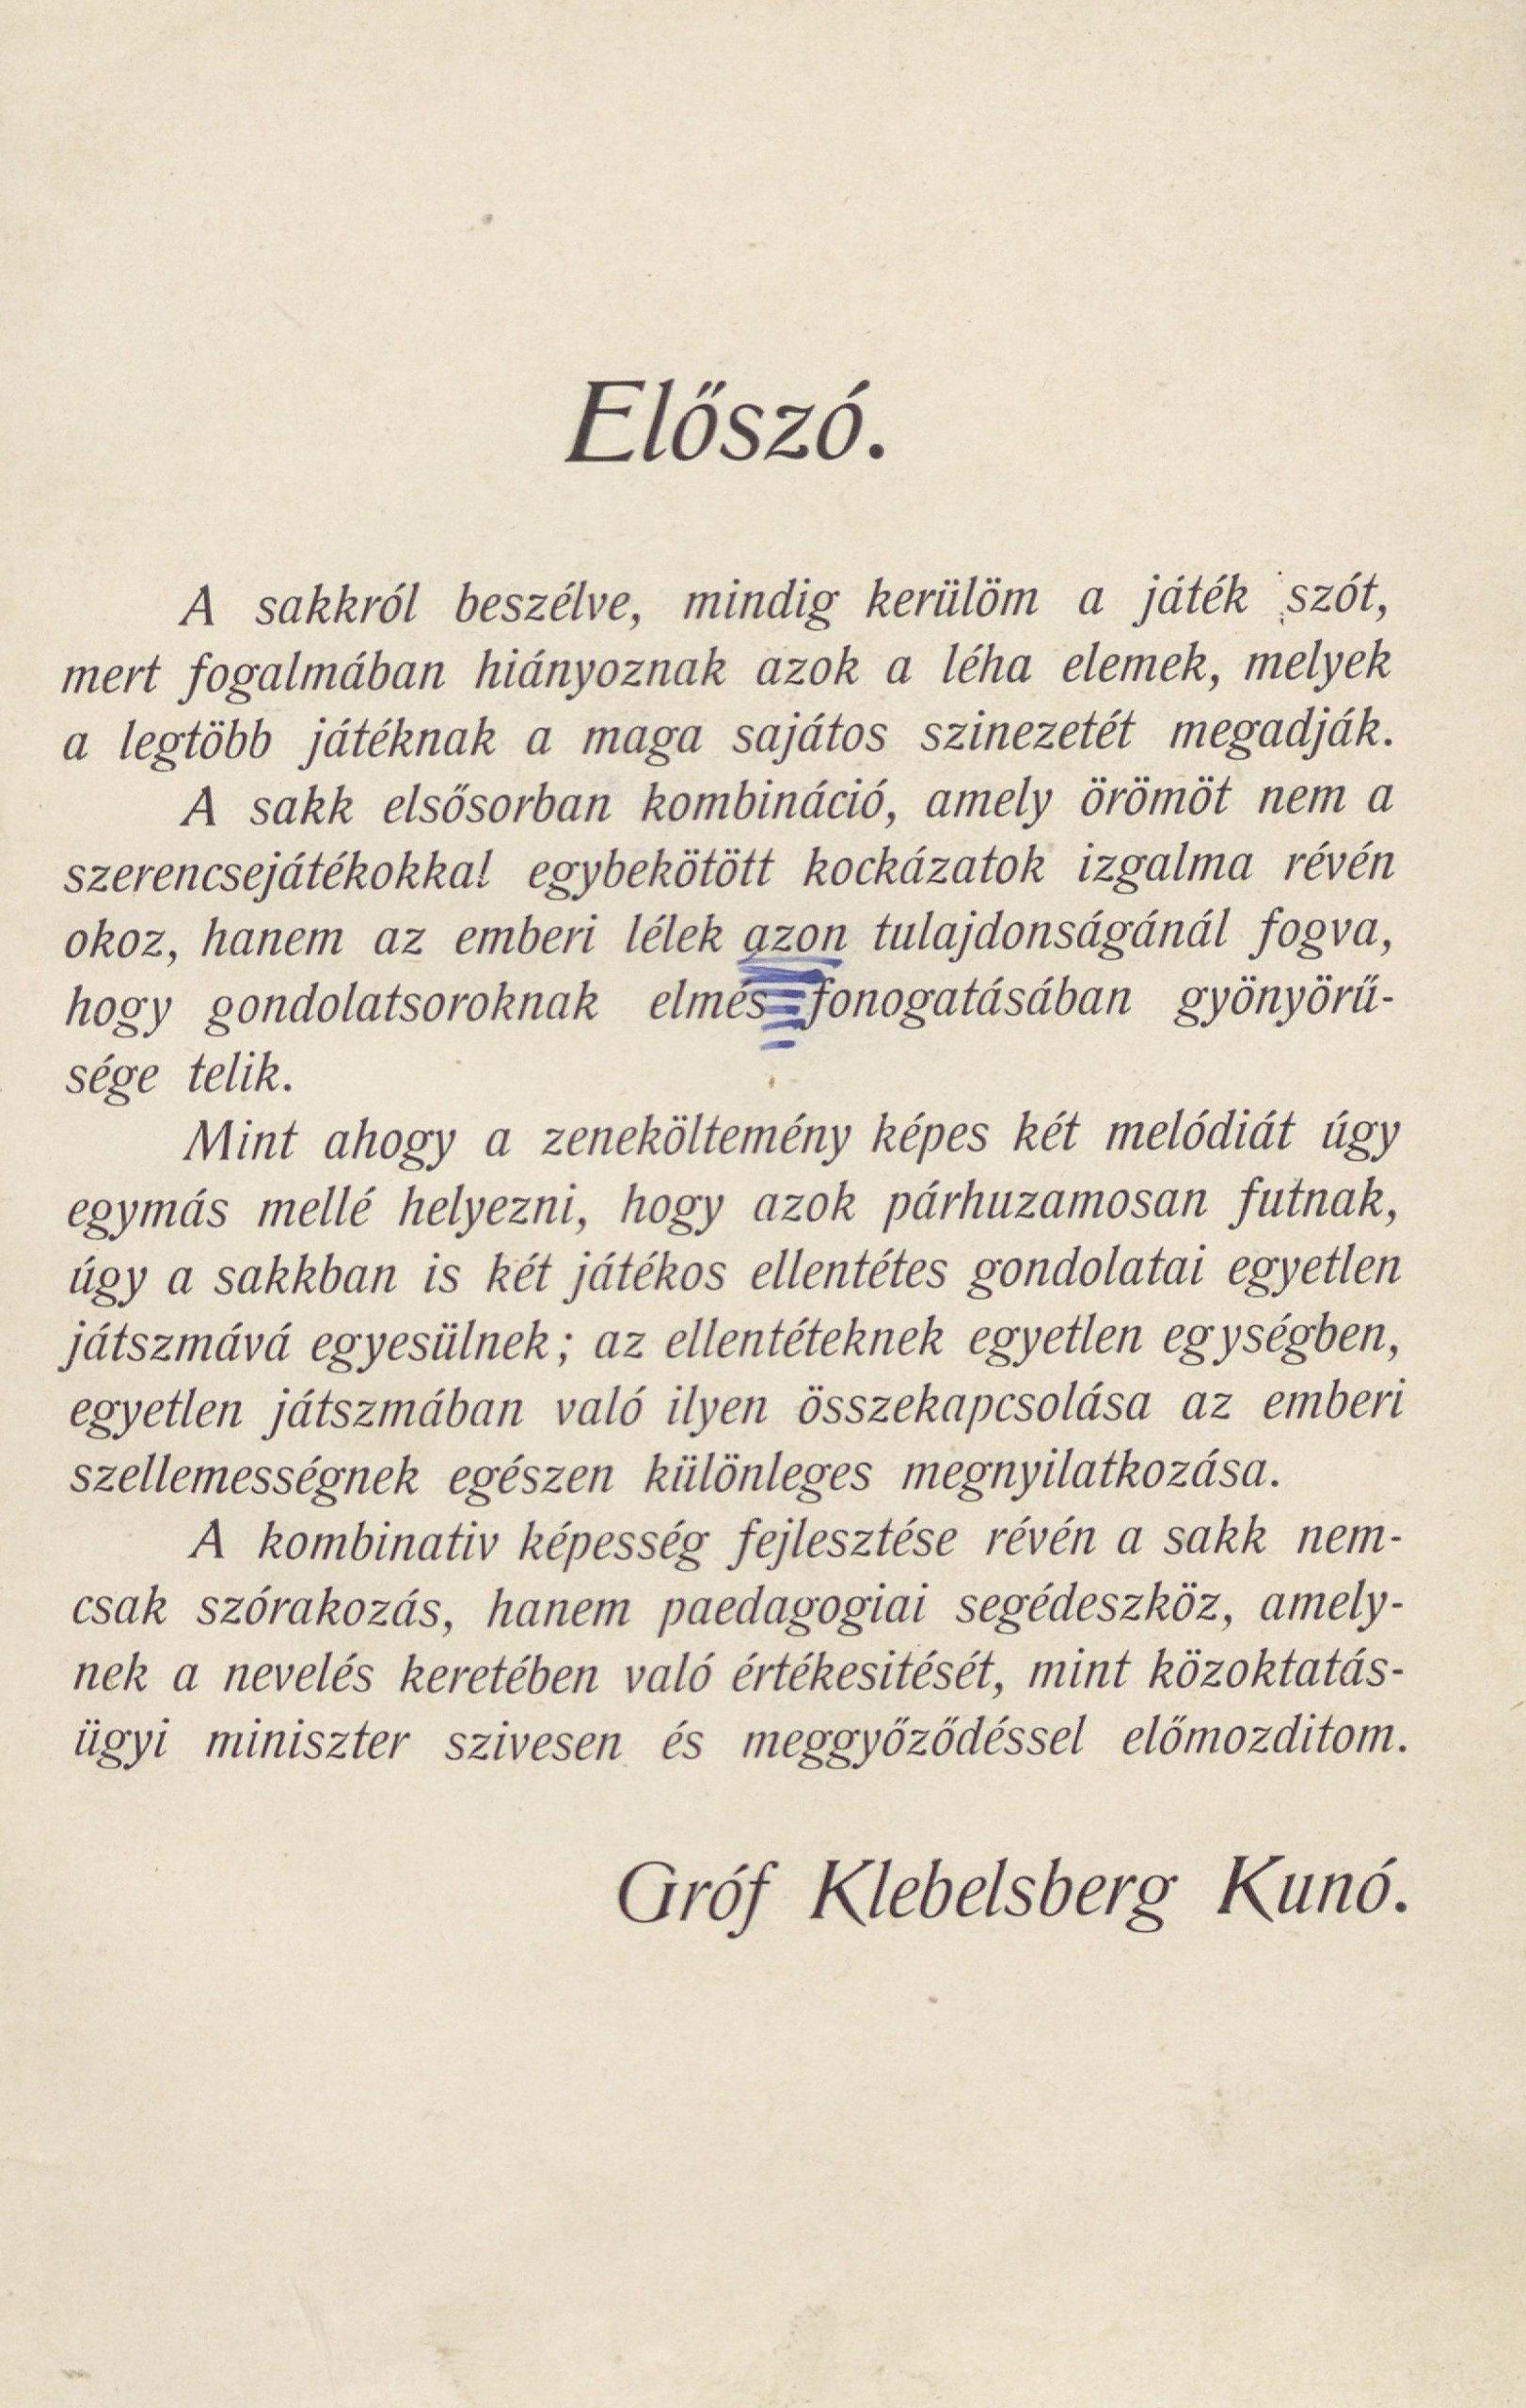 Klebelsberg Kuno: Előszó. In. A Győri Sakk-Kongresszus, Nemzetközi Mesterverseny és Főtorna, 1924. Győr. Győri Sakkör, 1925.